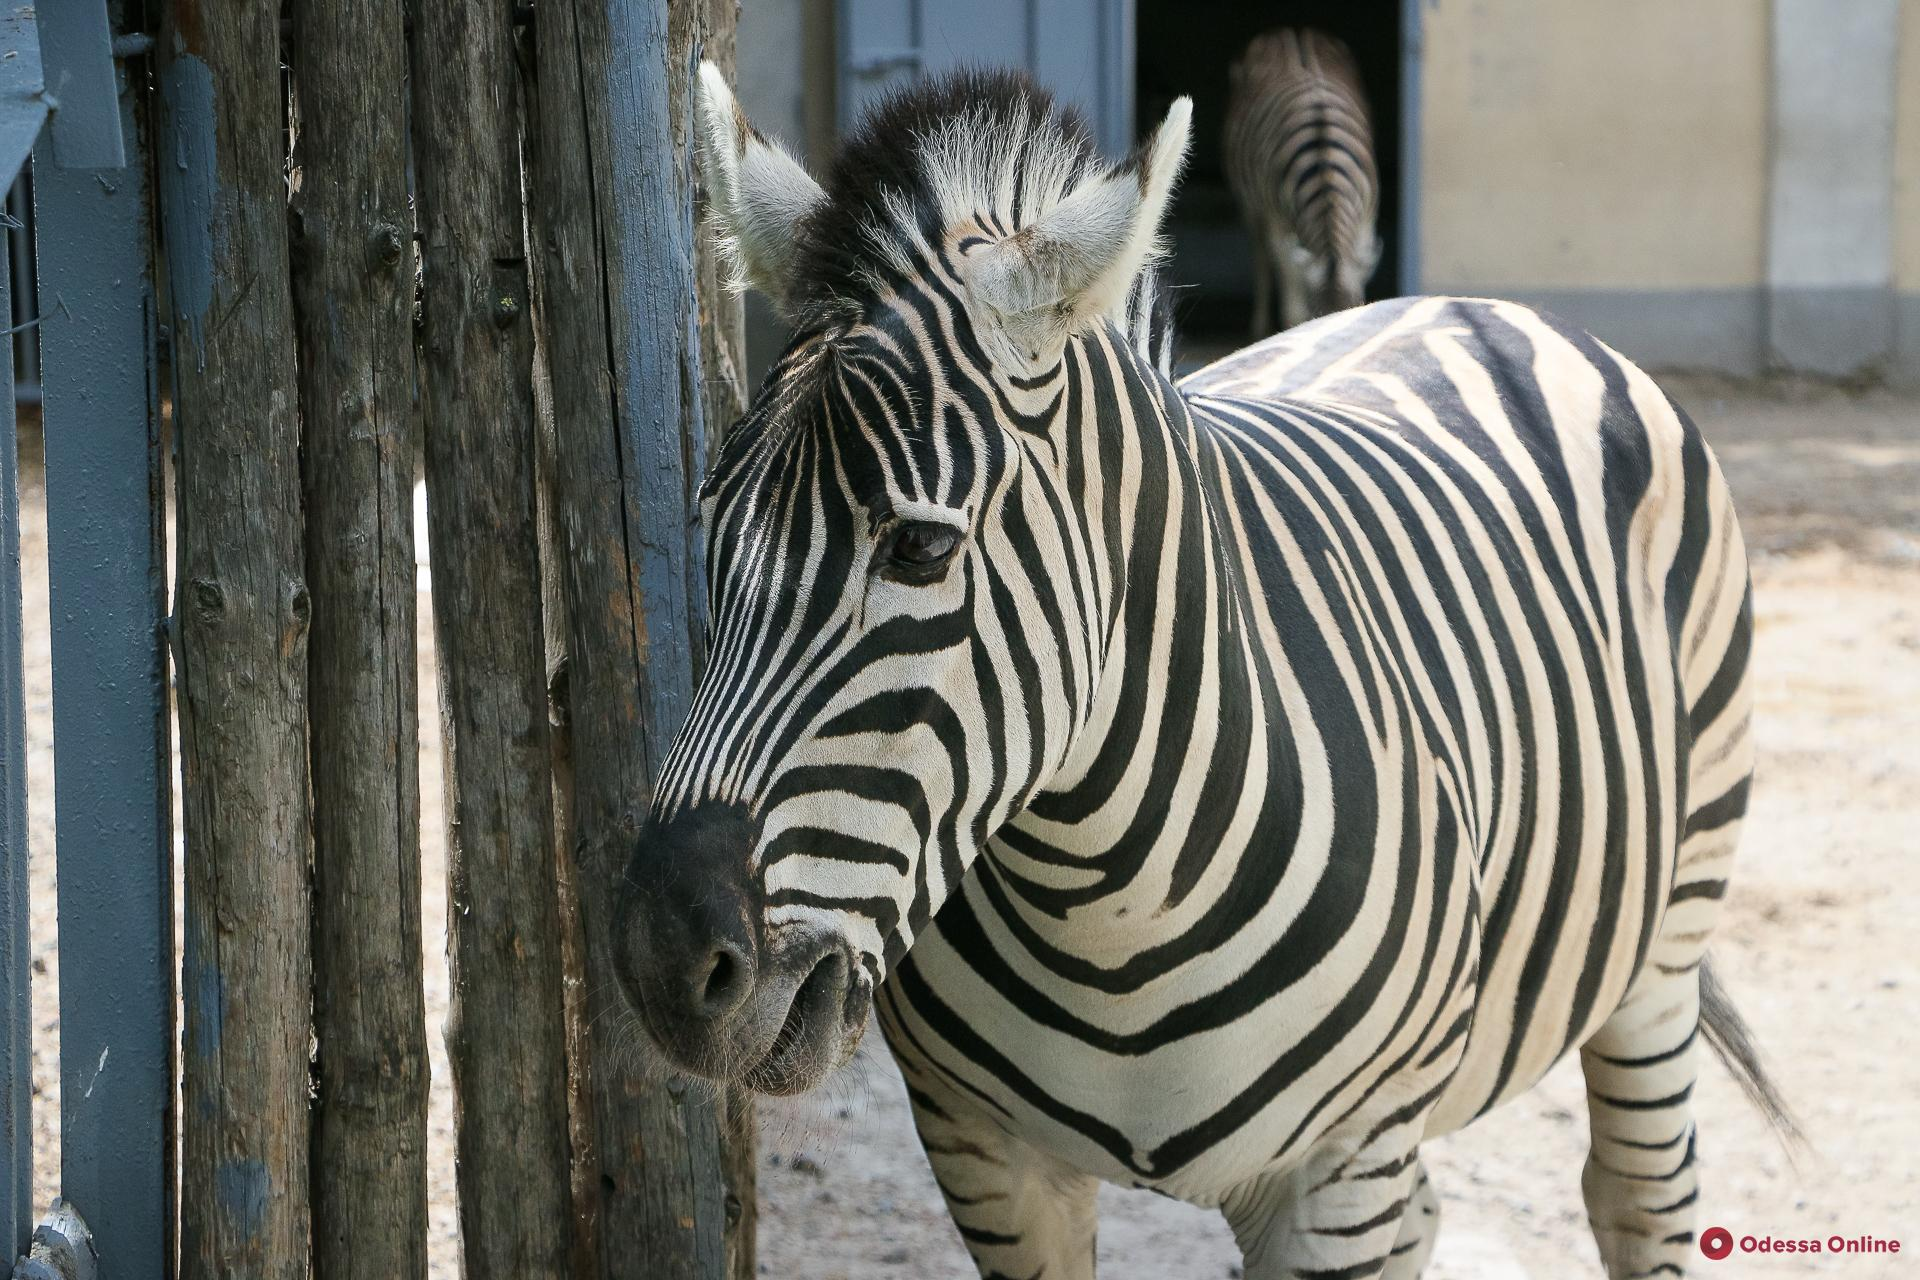 День рождения одесского зоопарка выдался «урожайным»: на свет появились теленок и зебренок (видео)